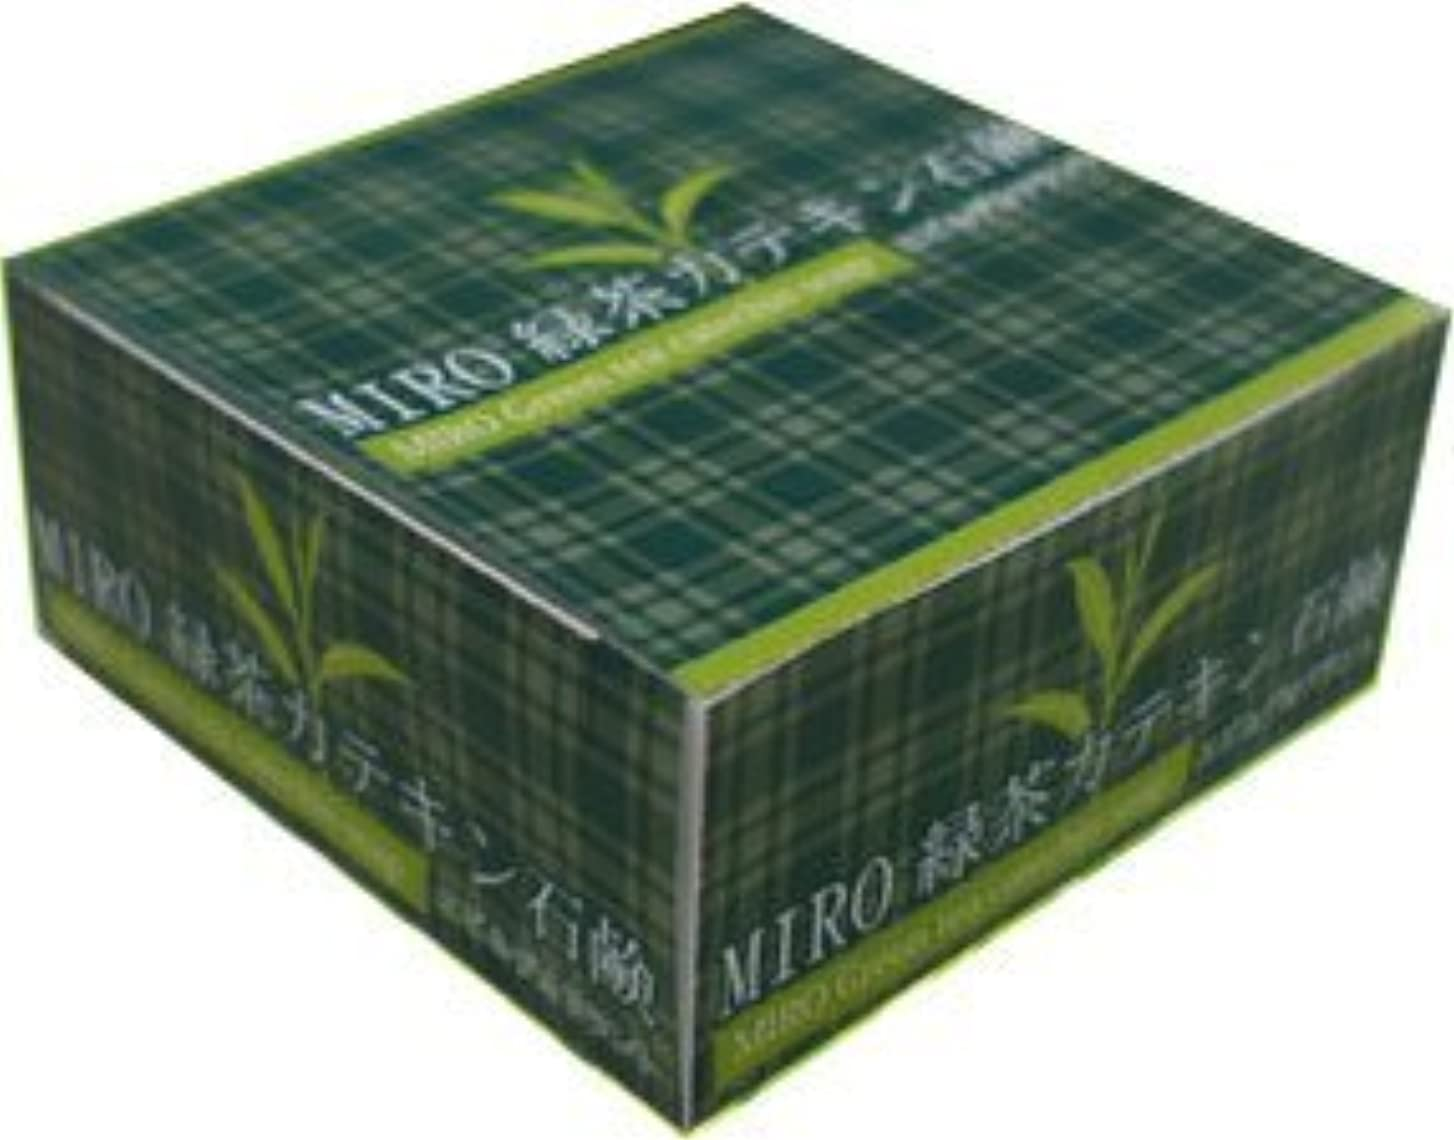 満足宿題パーク【MIRO 緑茶カテキン石鹸】 wm